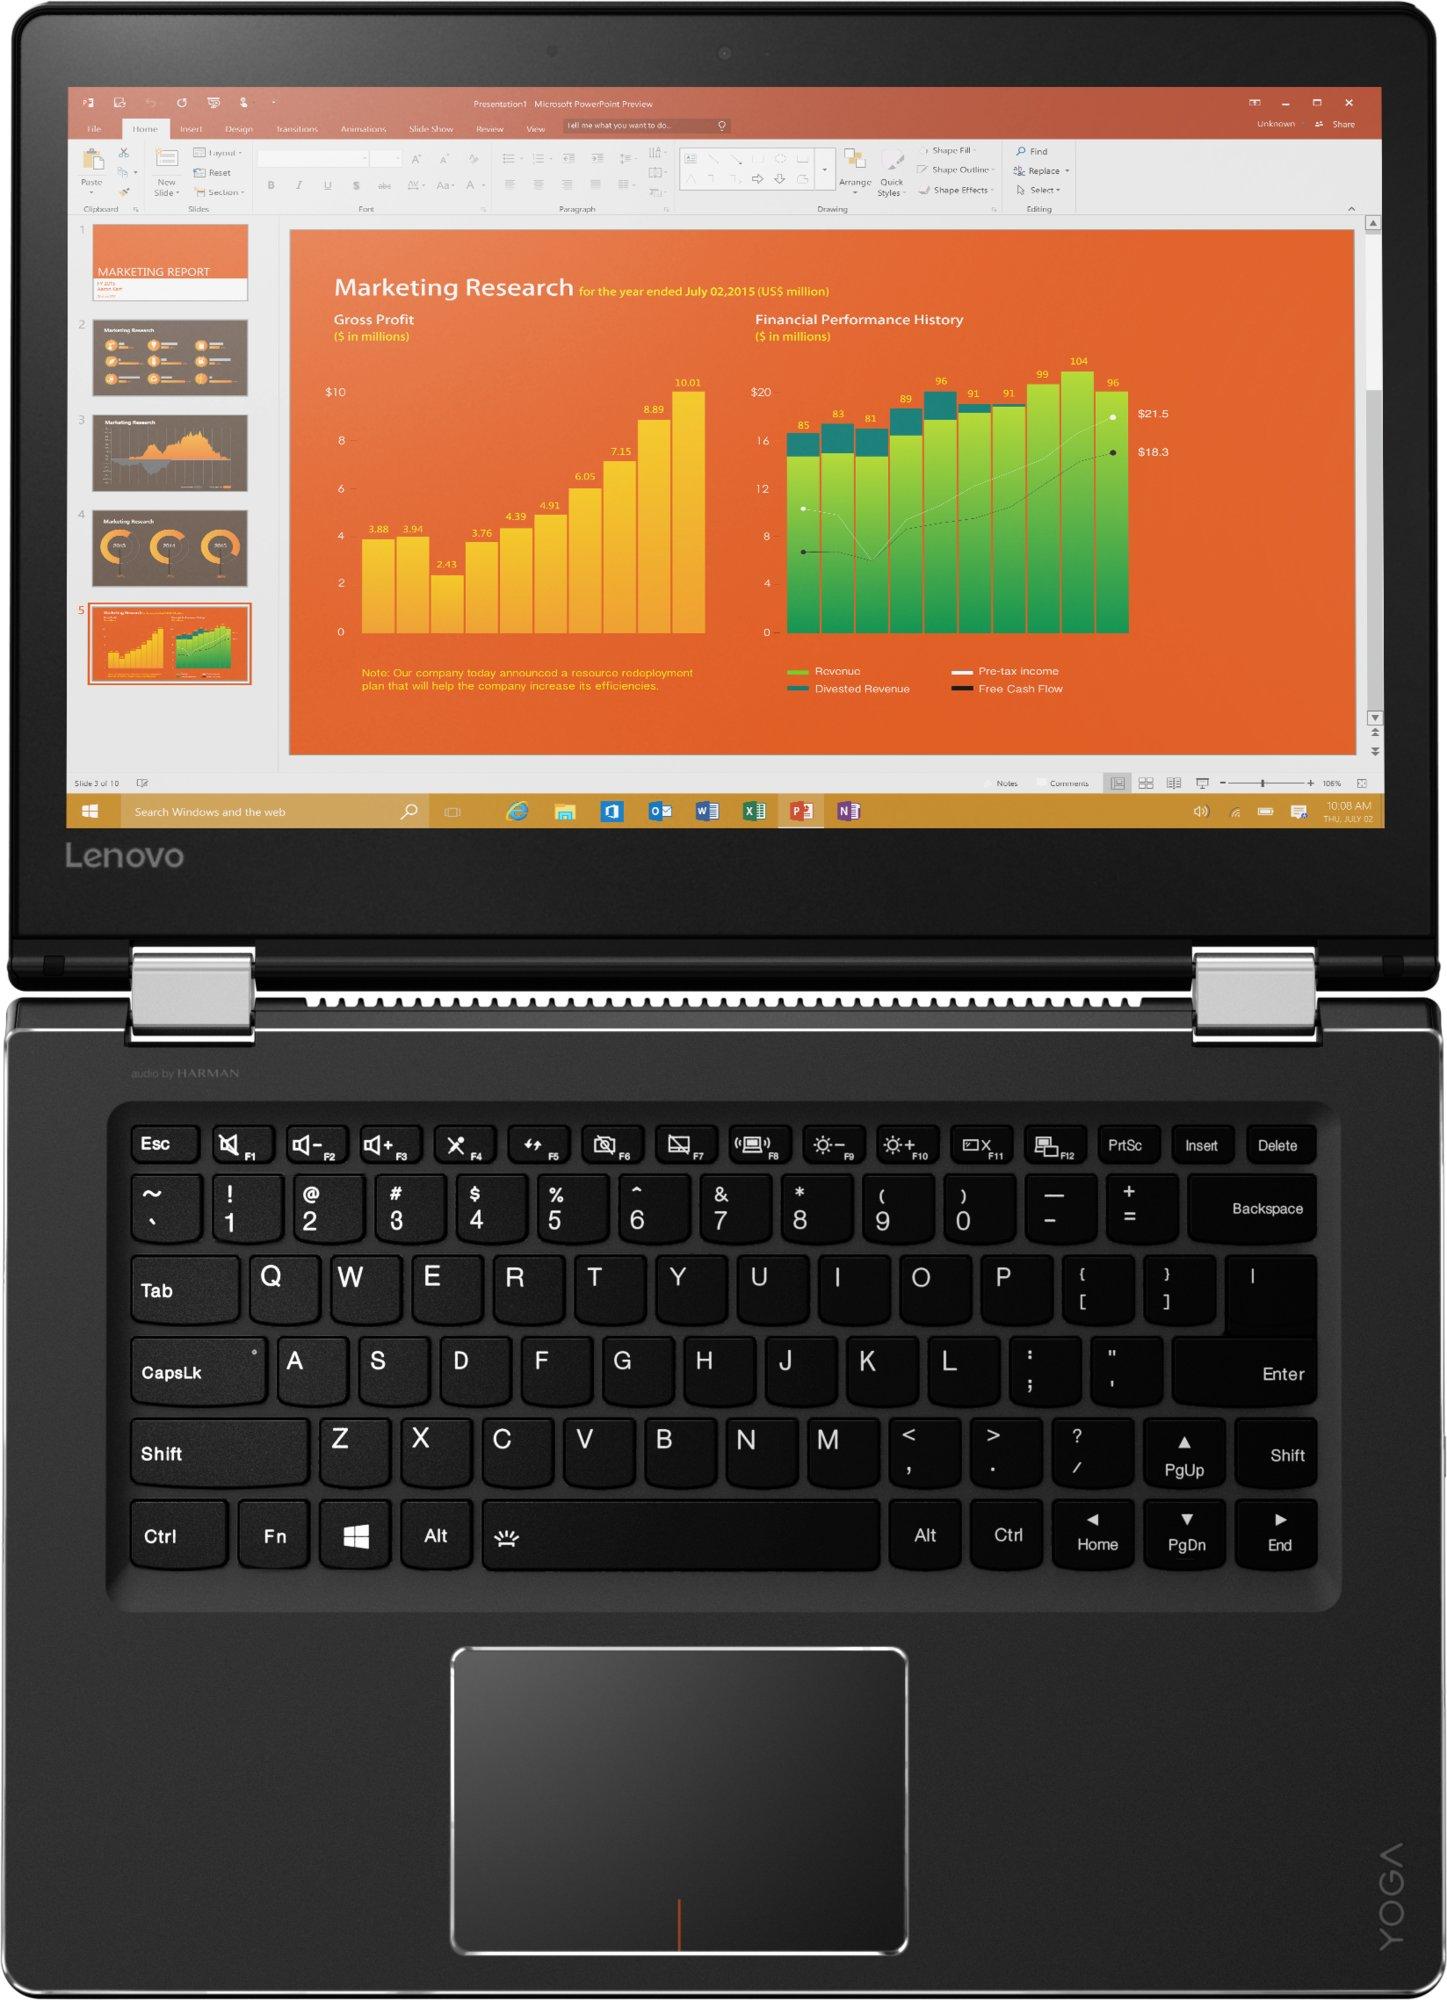 Lenovo IdeaPad Yoga 510-14AST